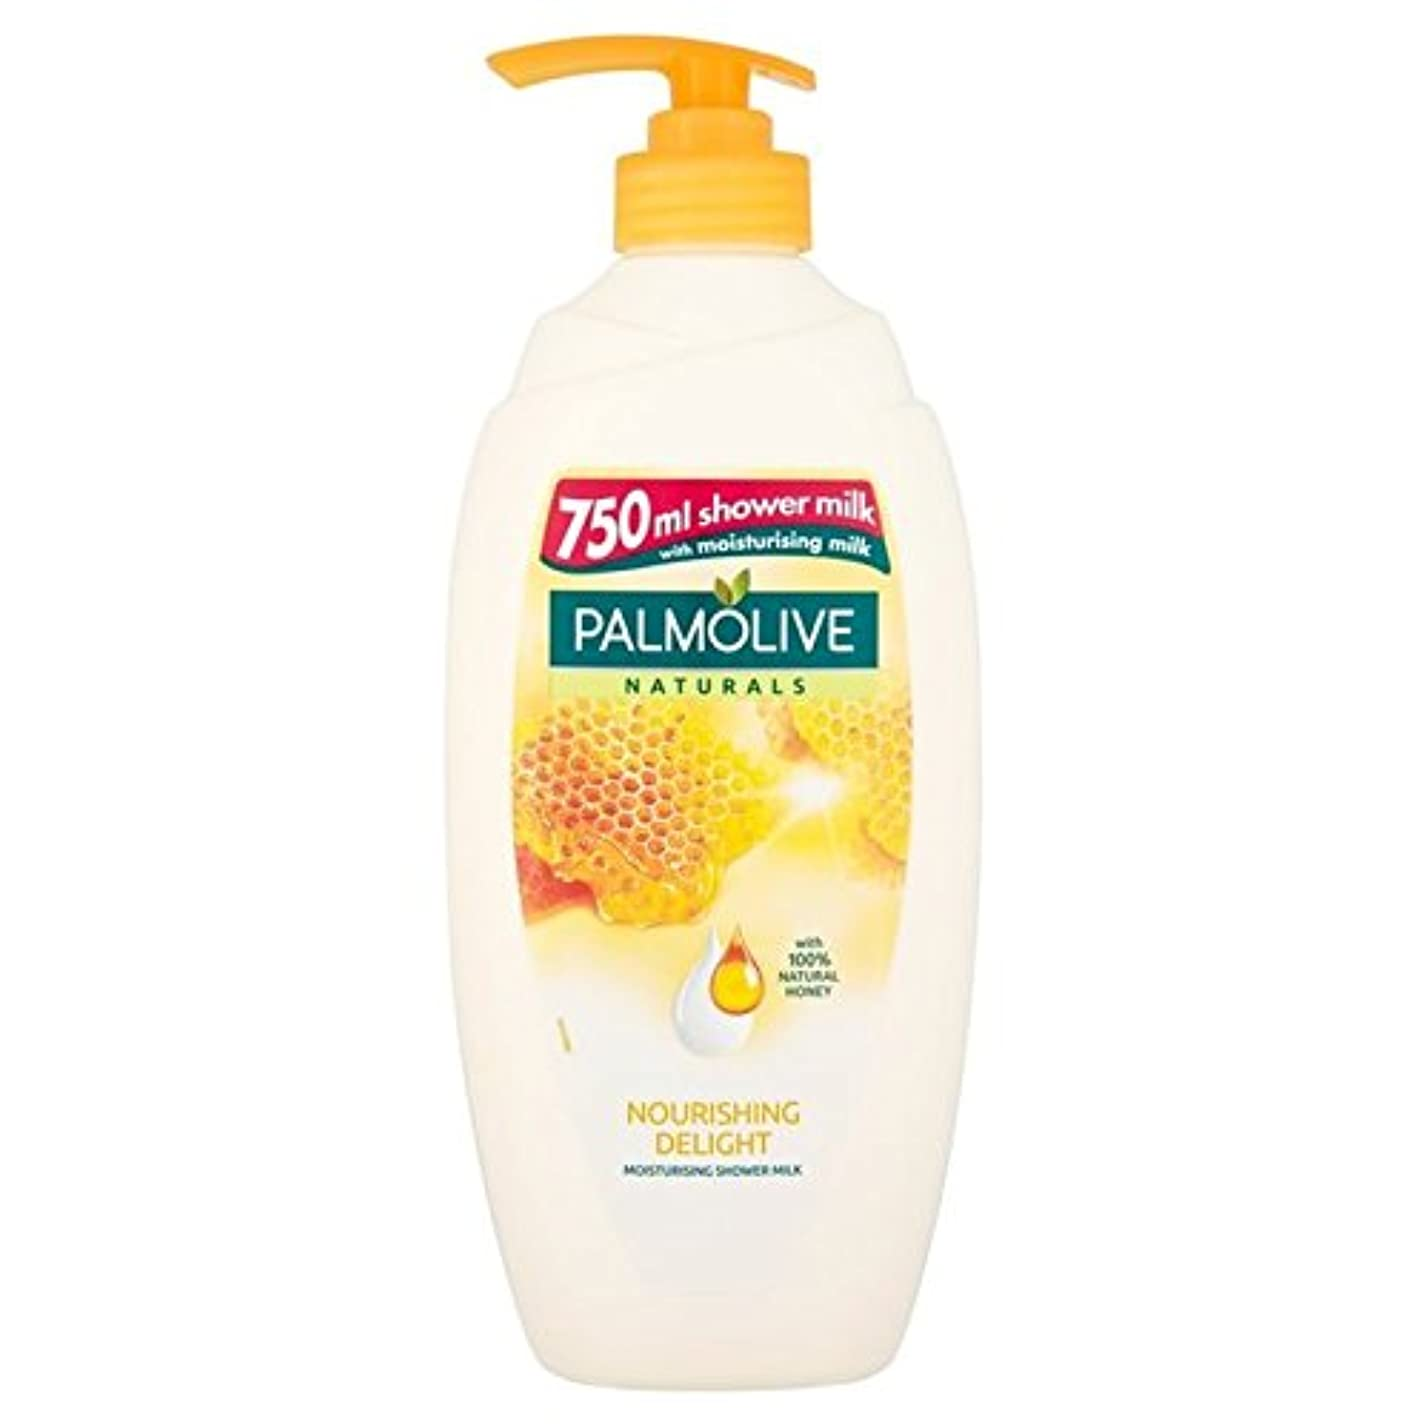 ブル検査官シャイ蜂蜜の750ミリリットルとシャワーナチュラルミルク栄養パルモライブナチュラル x4 - Palmolive Naturals Nourishing Shower Naturals Milk with Honey 750ml (Pack of 4) [並行輸入品]